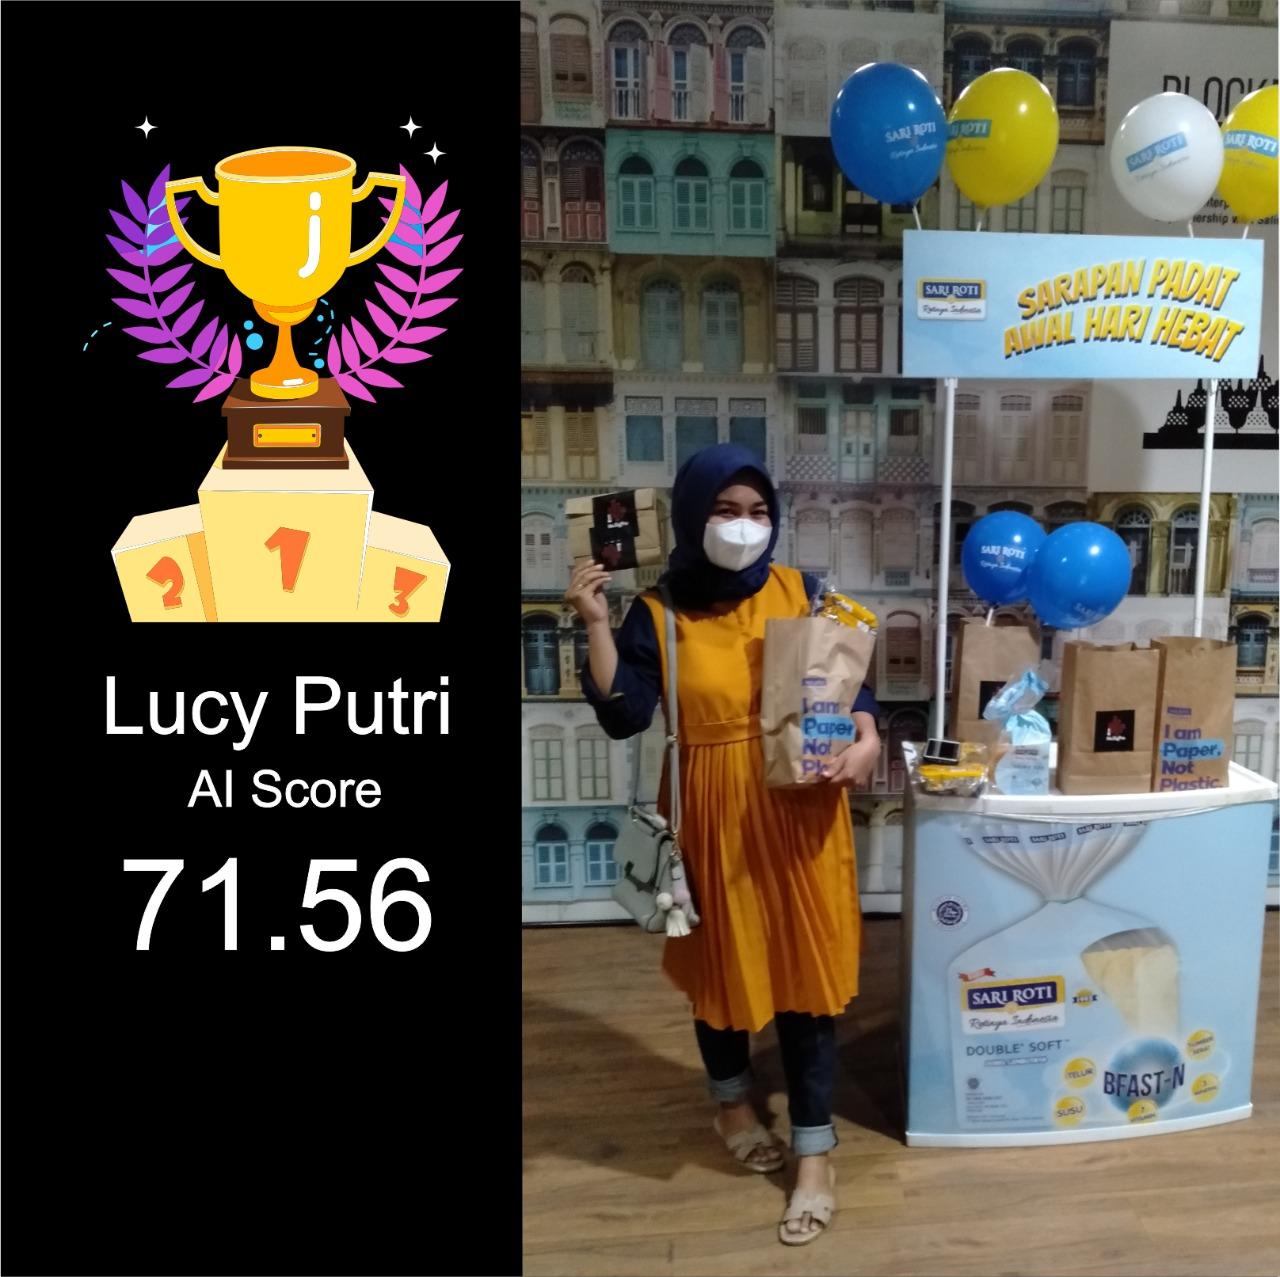 Pemenang lomba karaoke online bersama sariroti